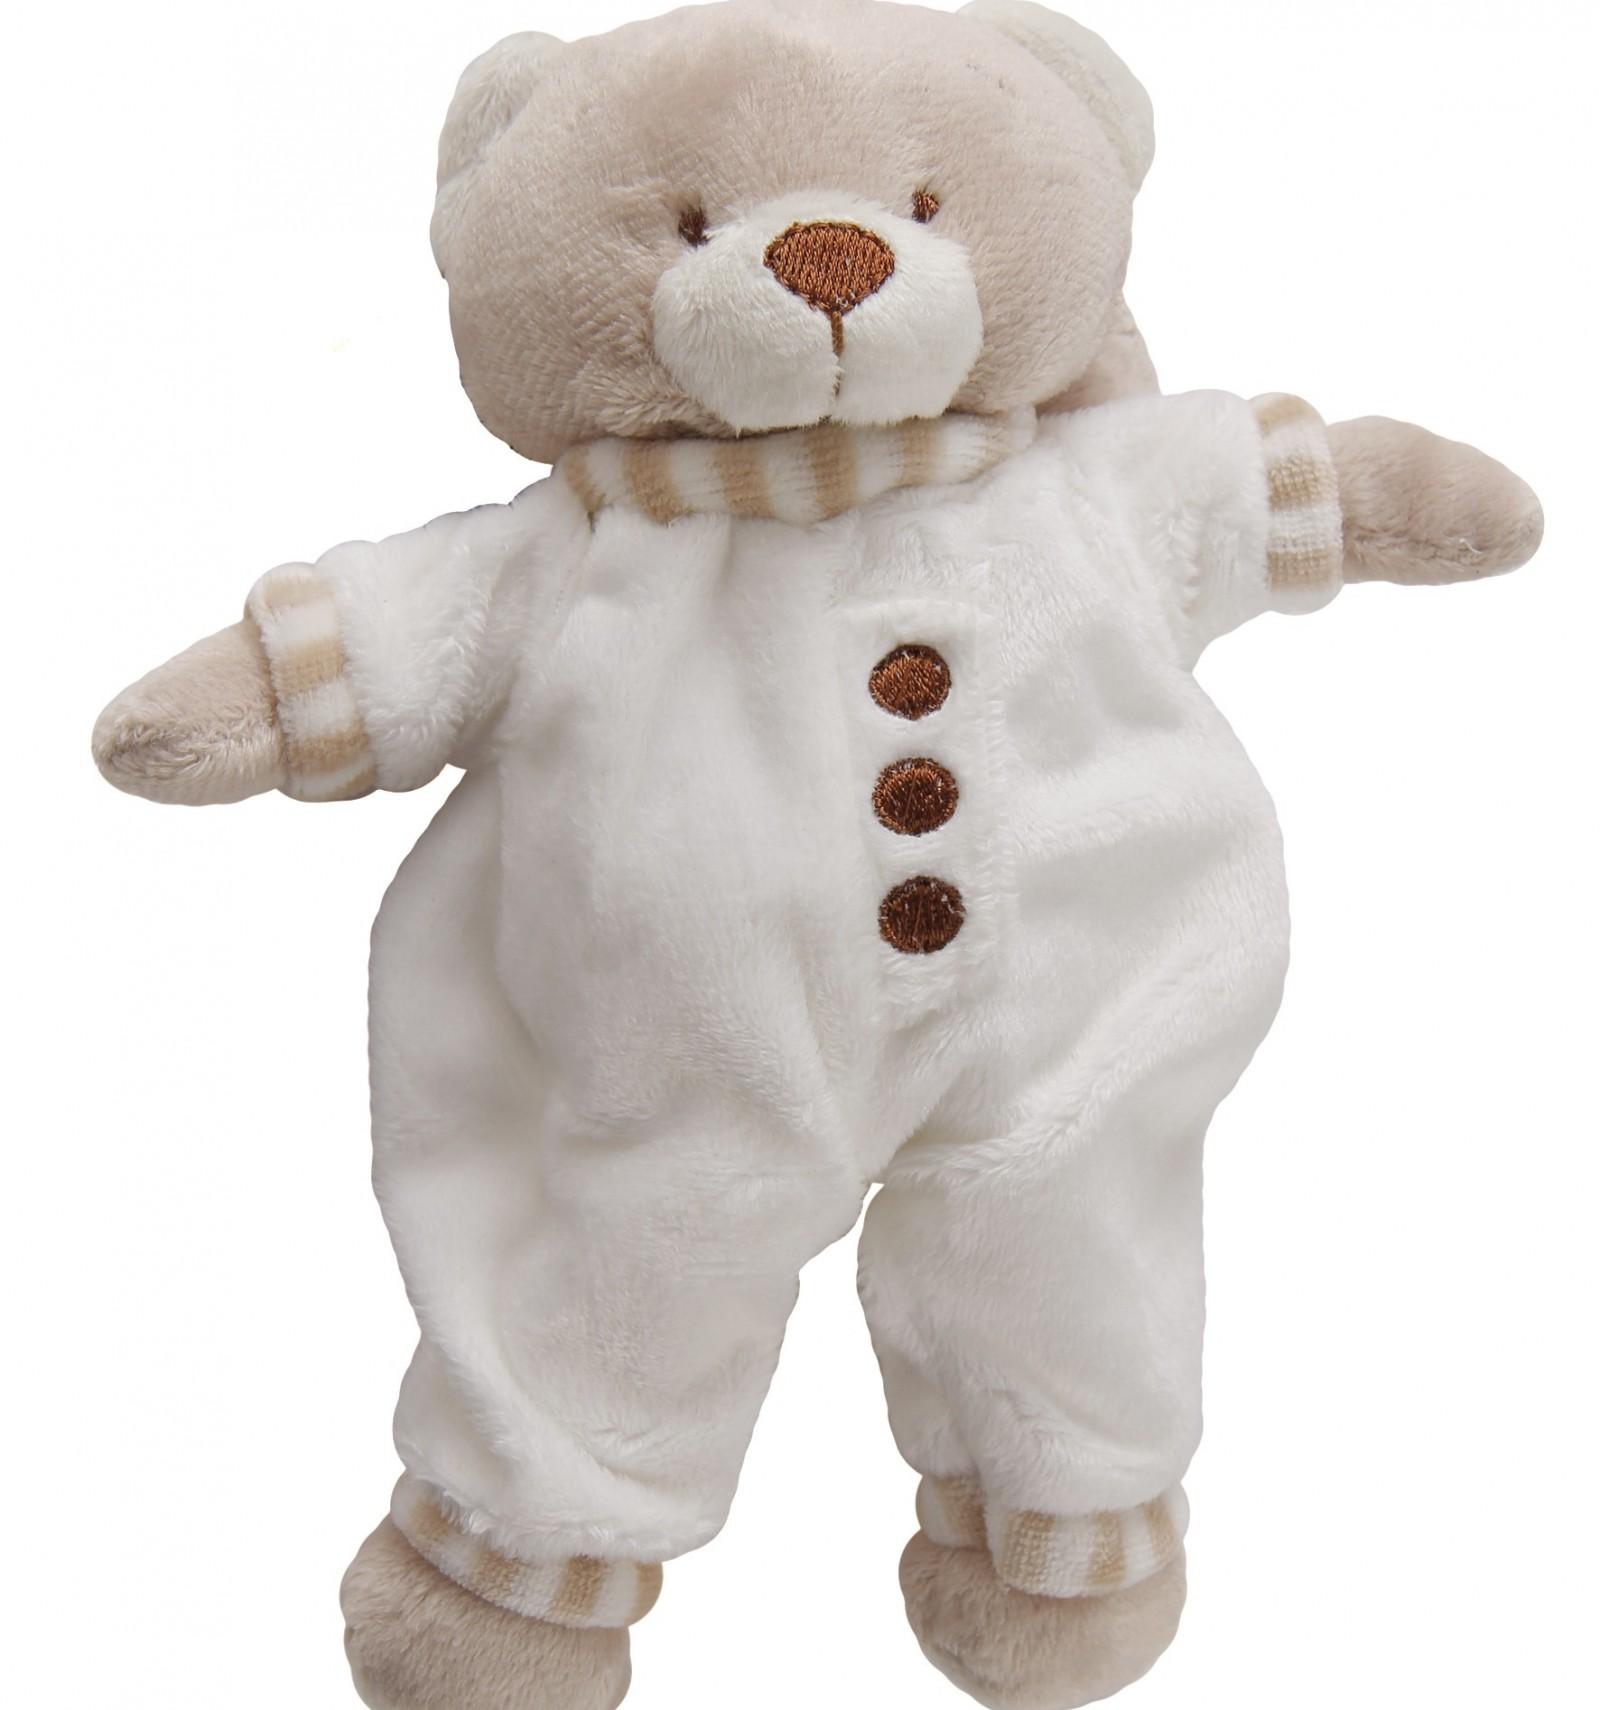 499b64fa4 Comprar online regalos para bebés y recién nacidos. - Peques y Bebes